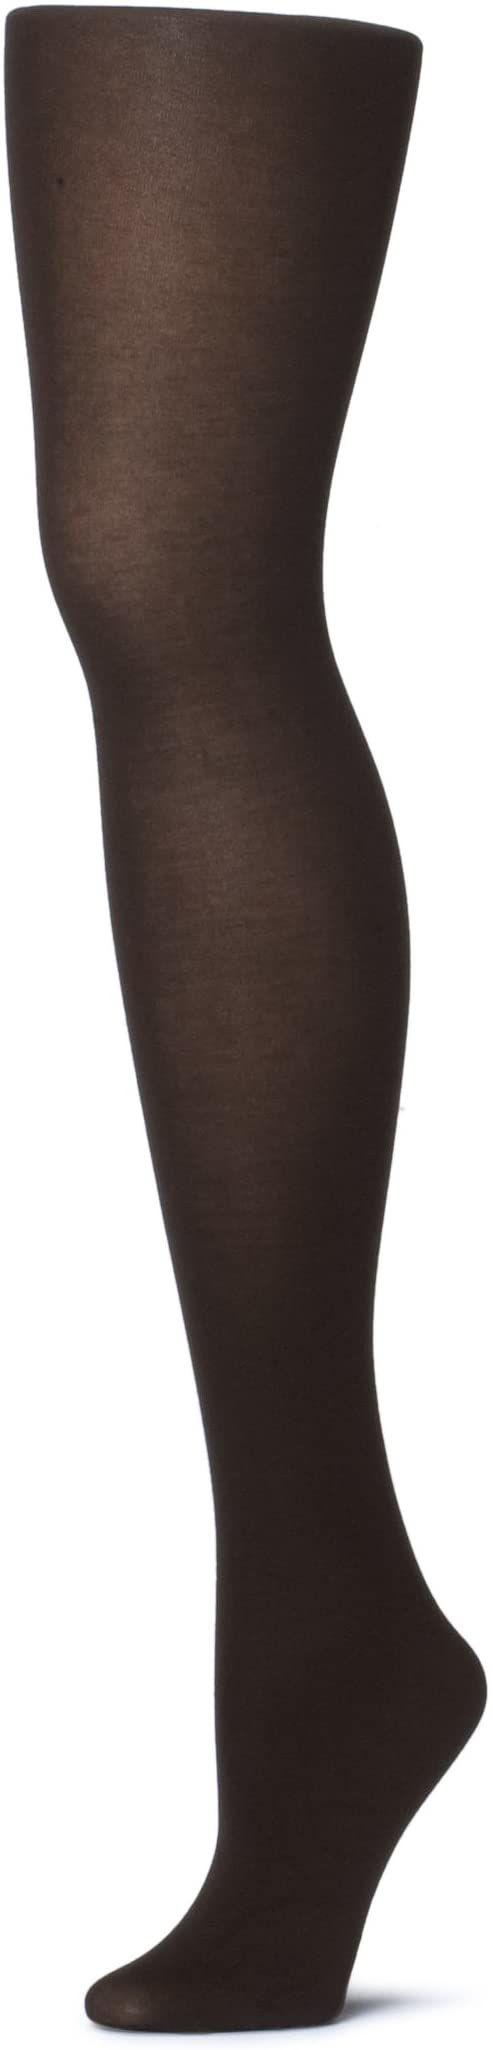 ESPRIT damskie rajstopy bawełniane, 1 para, rozmiar brytyjski L (UE 40-42), brązowe, mieszanka bawełny - przyjazna dla skóry mieszanka bawełny, pasuje do każdego wyglądu